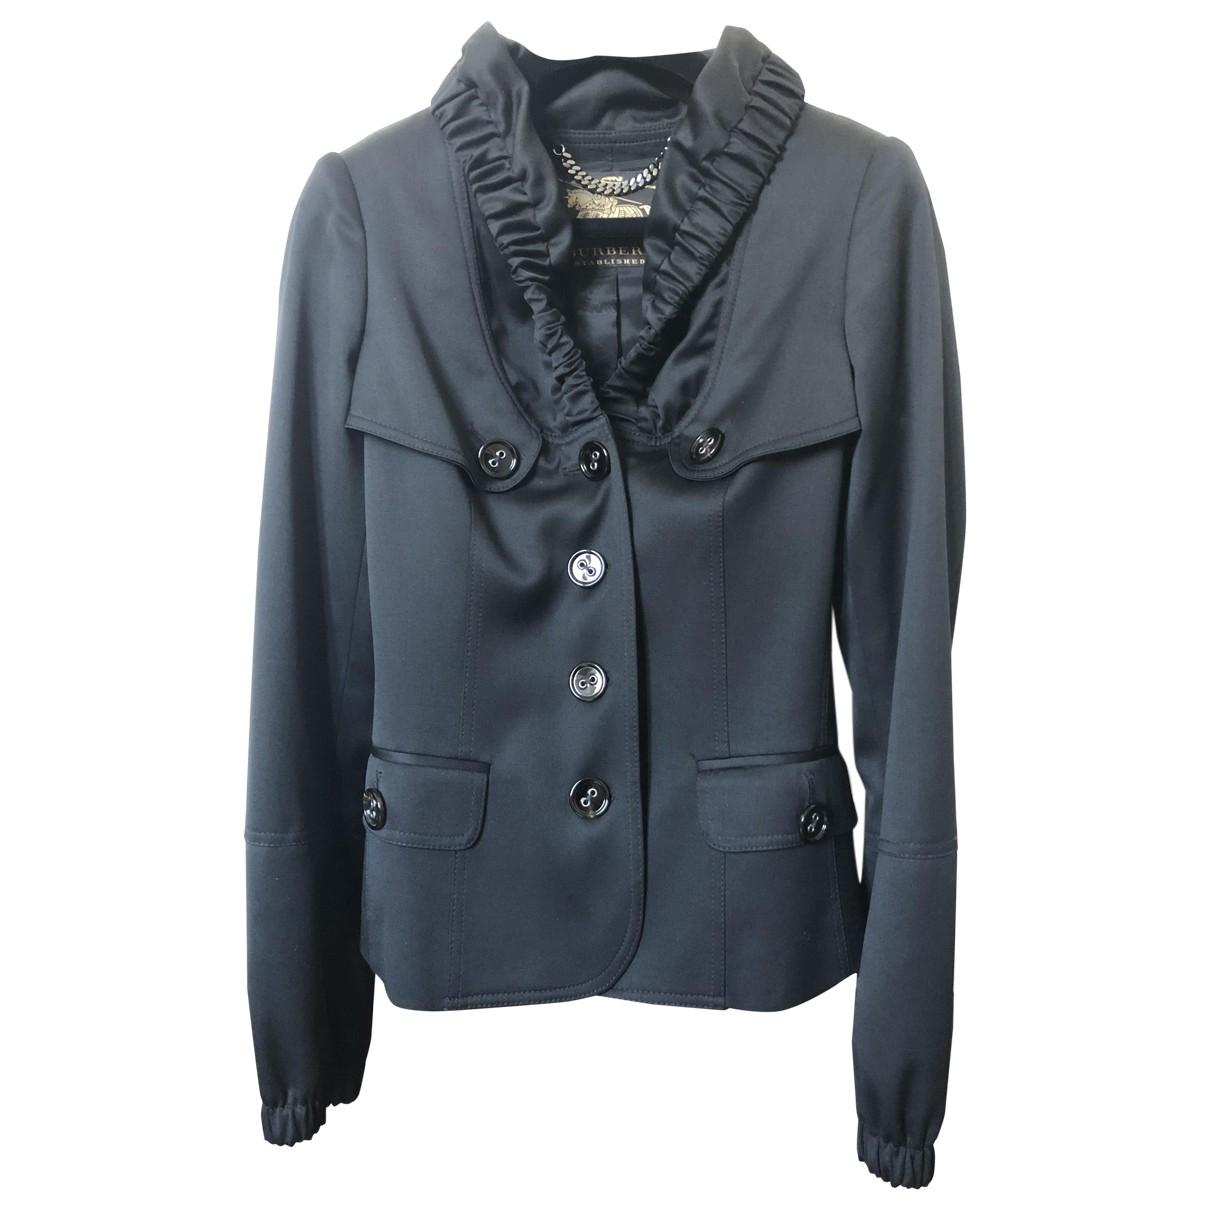 Burberry \N Black Wool jacket for Women 38 IT